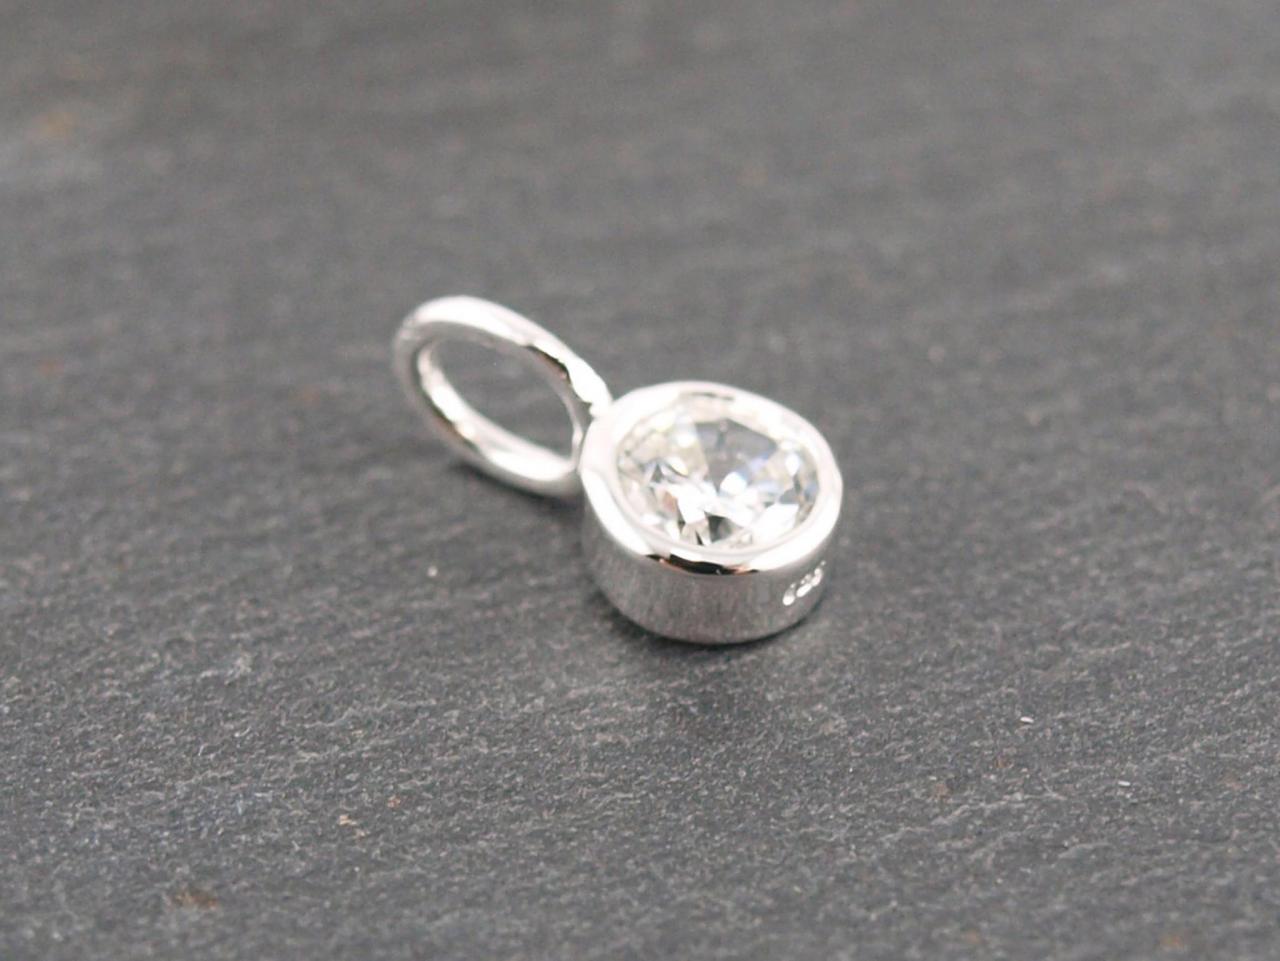 Kristall, Crystal, April Geburtssteine, Edelsteine, kleiner Anhaenger fuer Kette oder Armband, die Geschenkidee